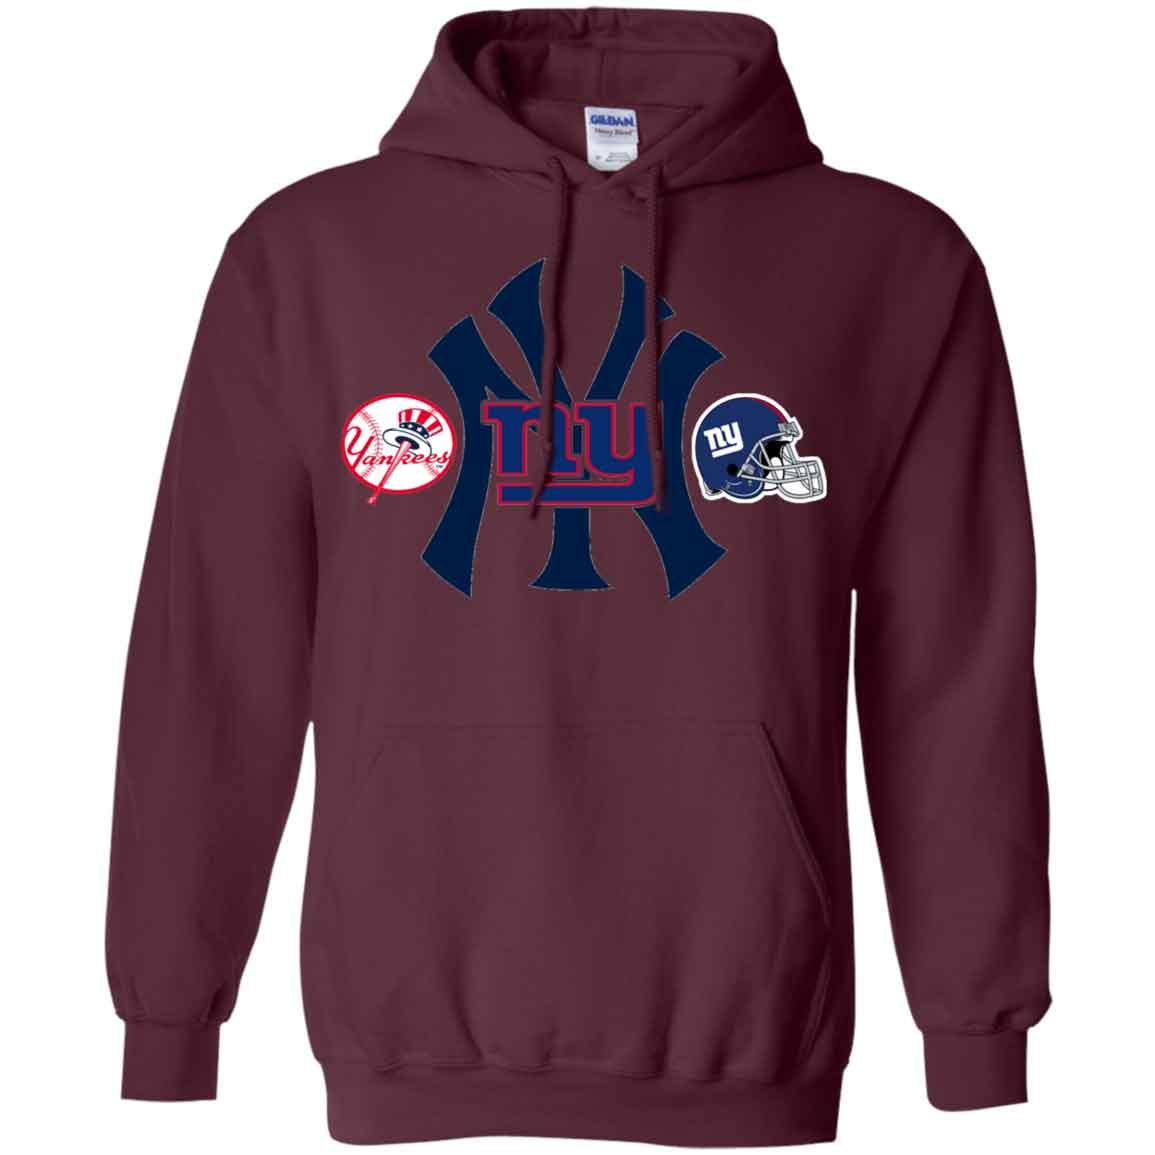 brand new 7c722 ed533 Baseball New York Yankees Hoodies Sweatshirts